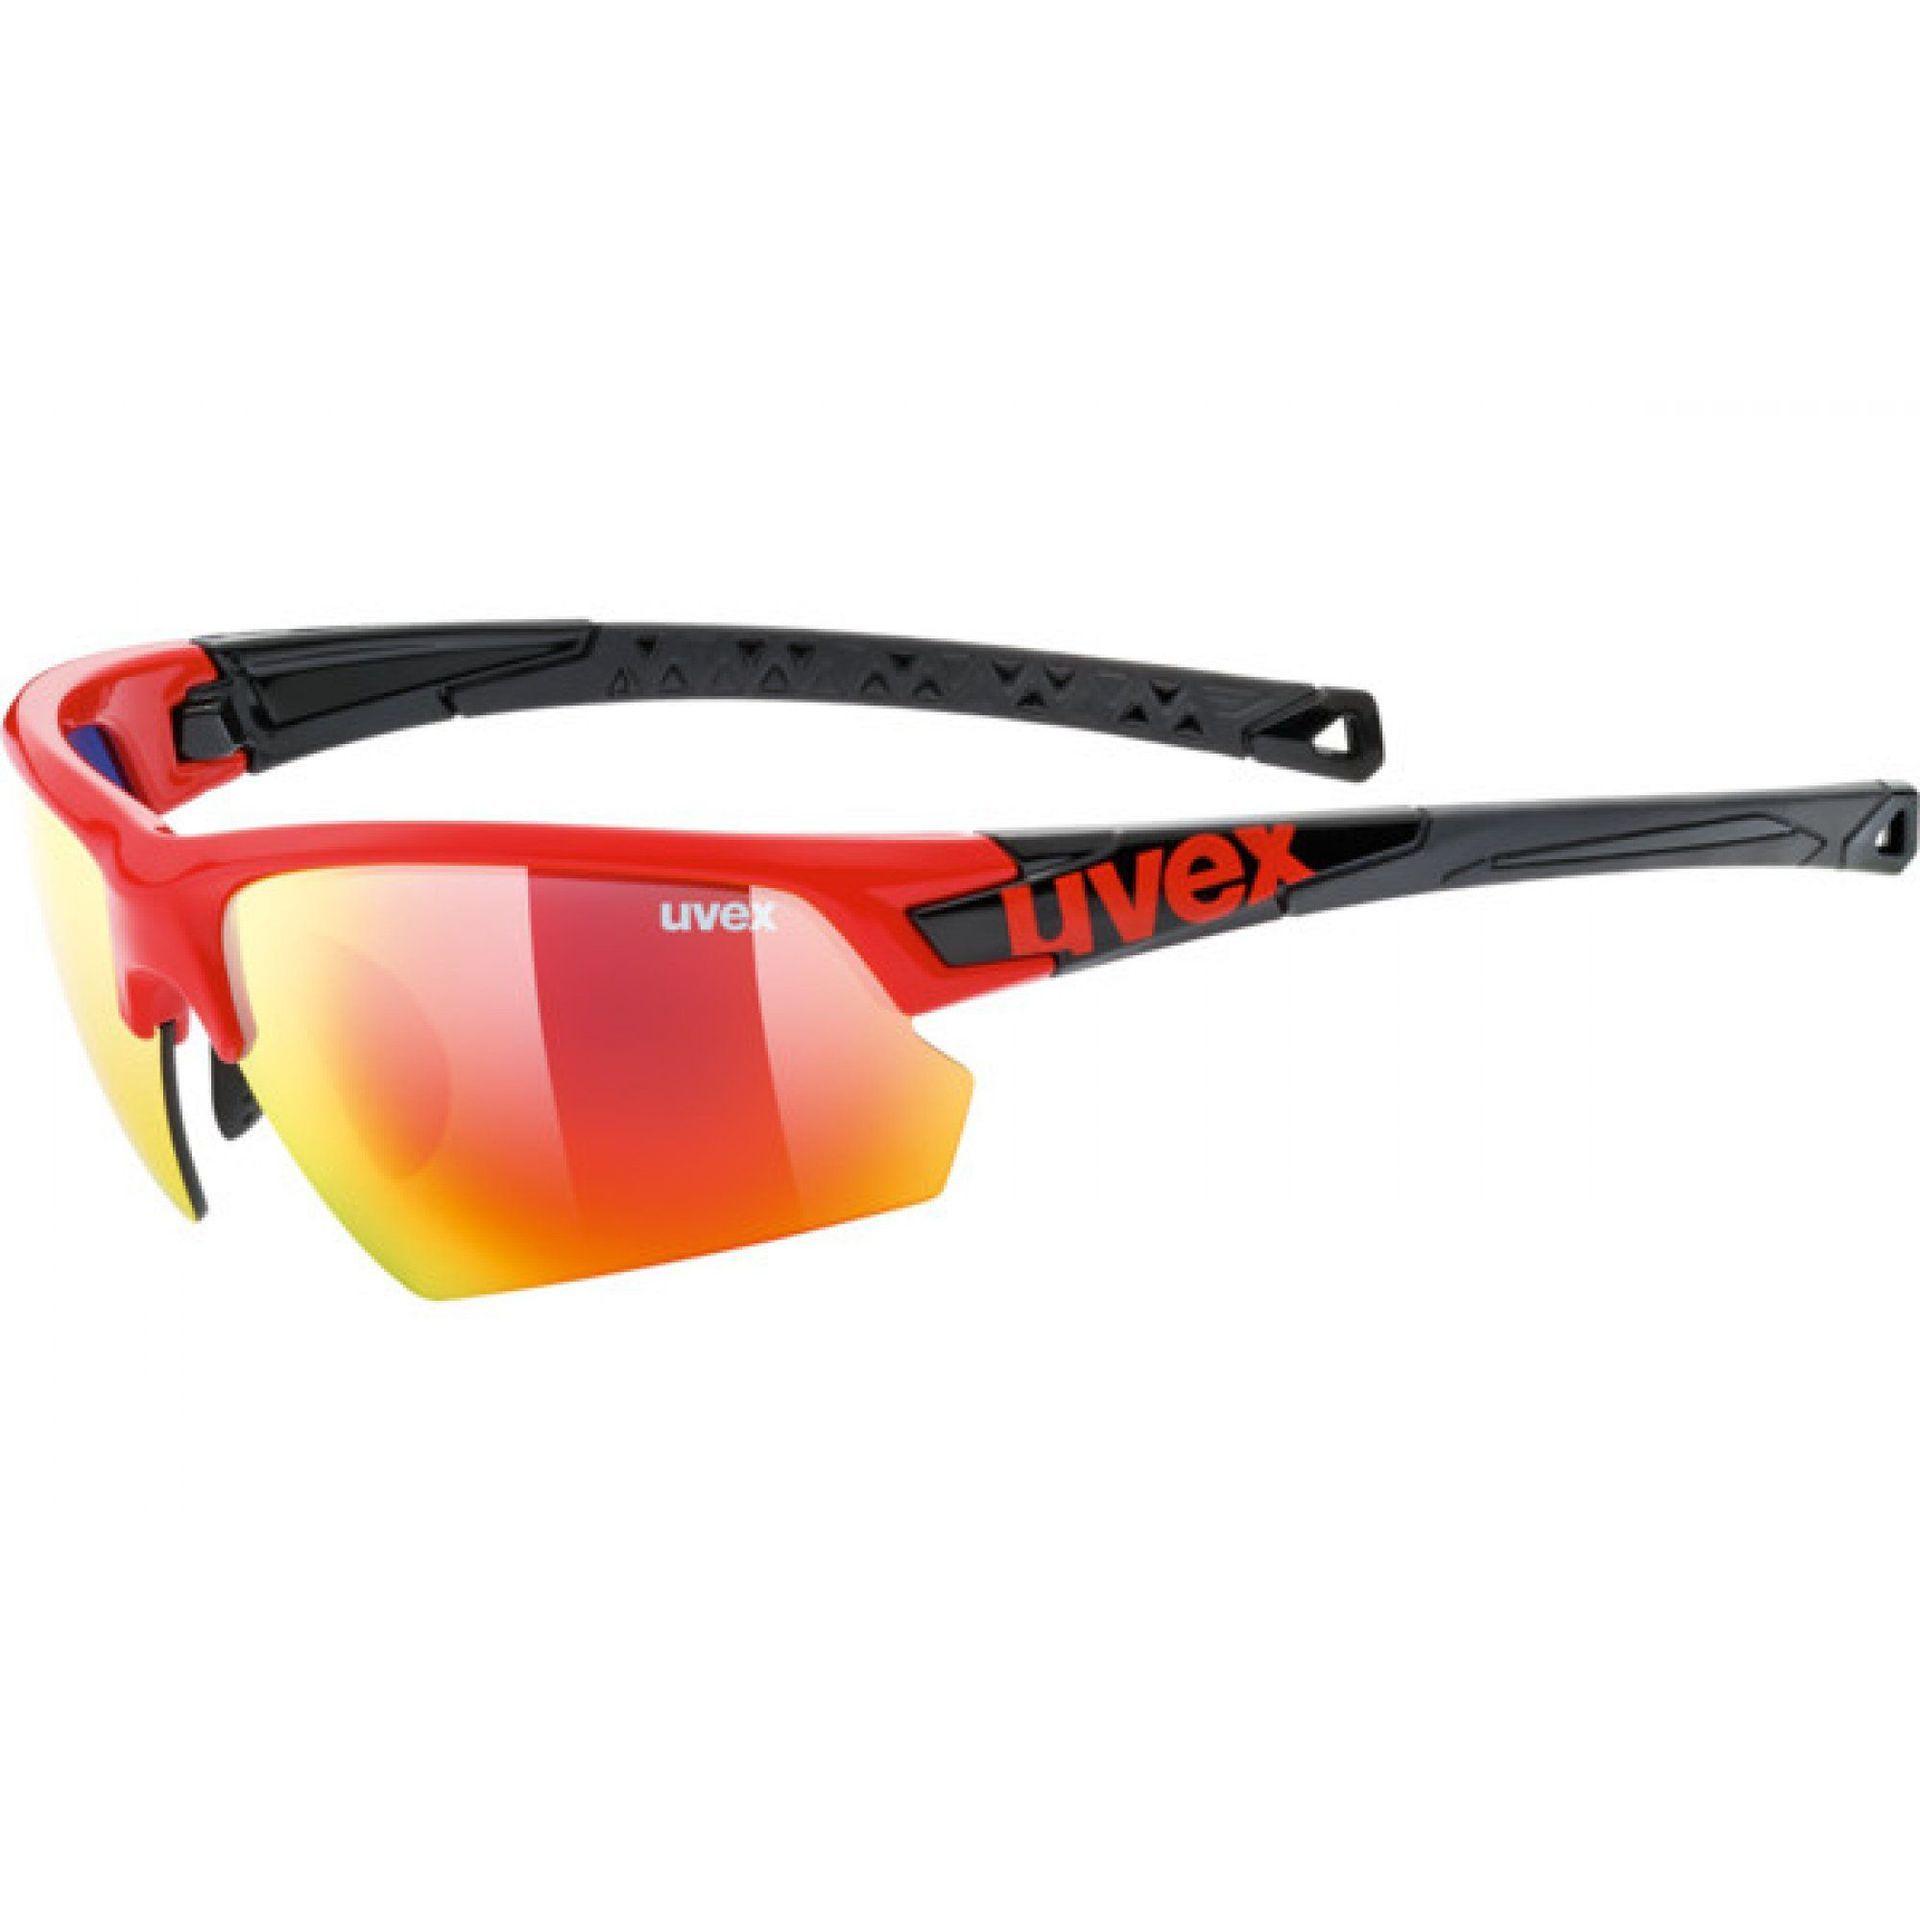 OKULARY UVEX SPORTSTYLE 224 007|3216 RED|BLACK